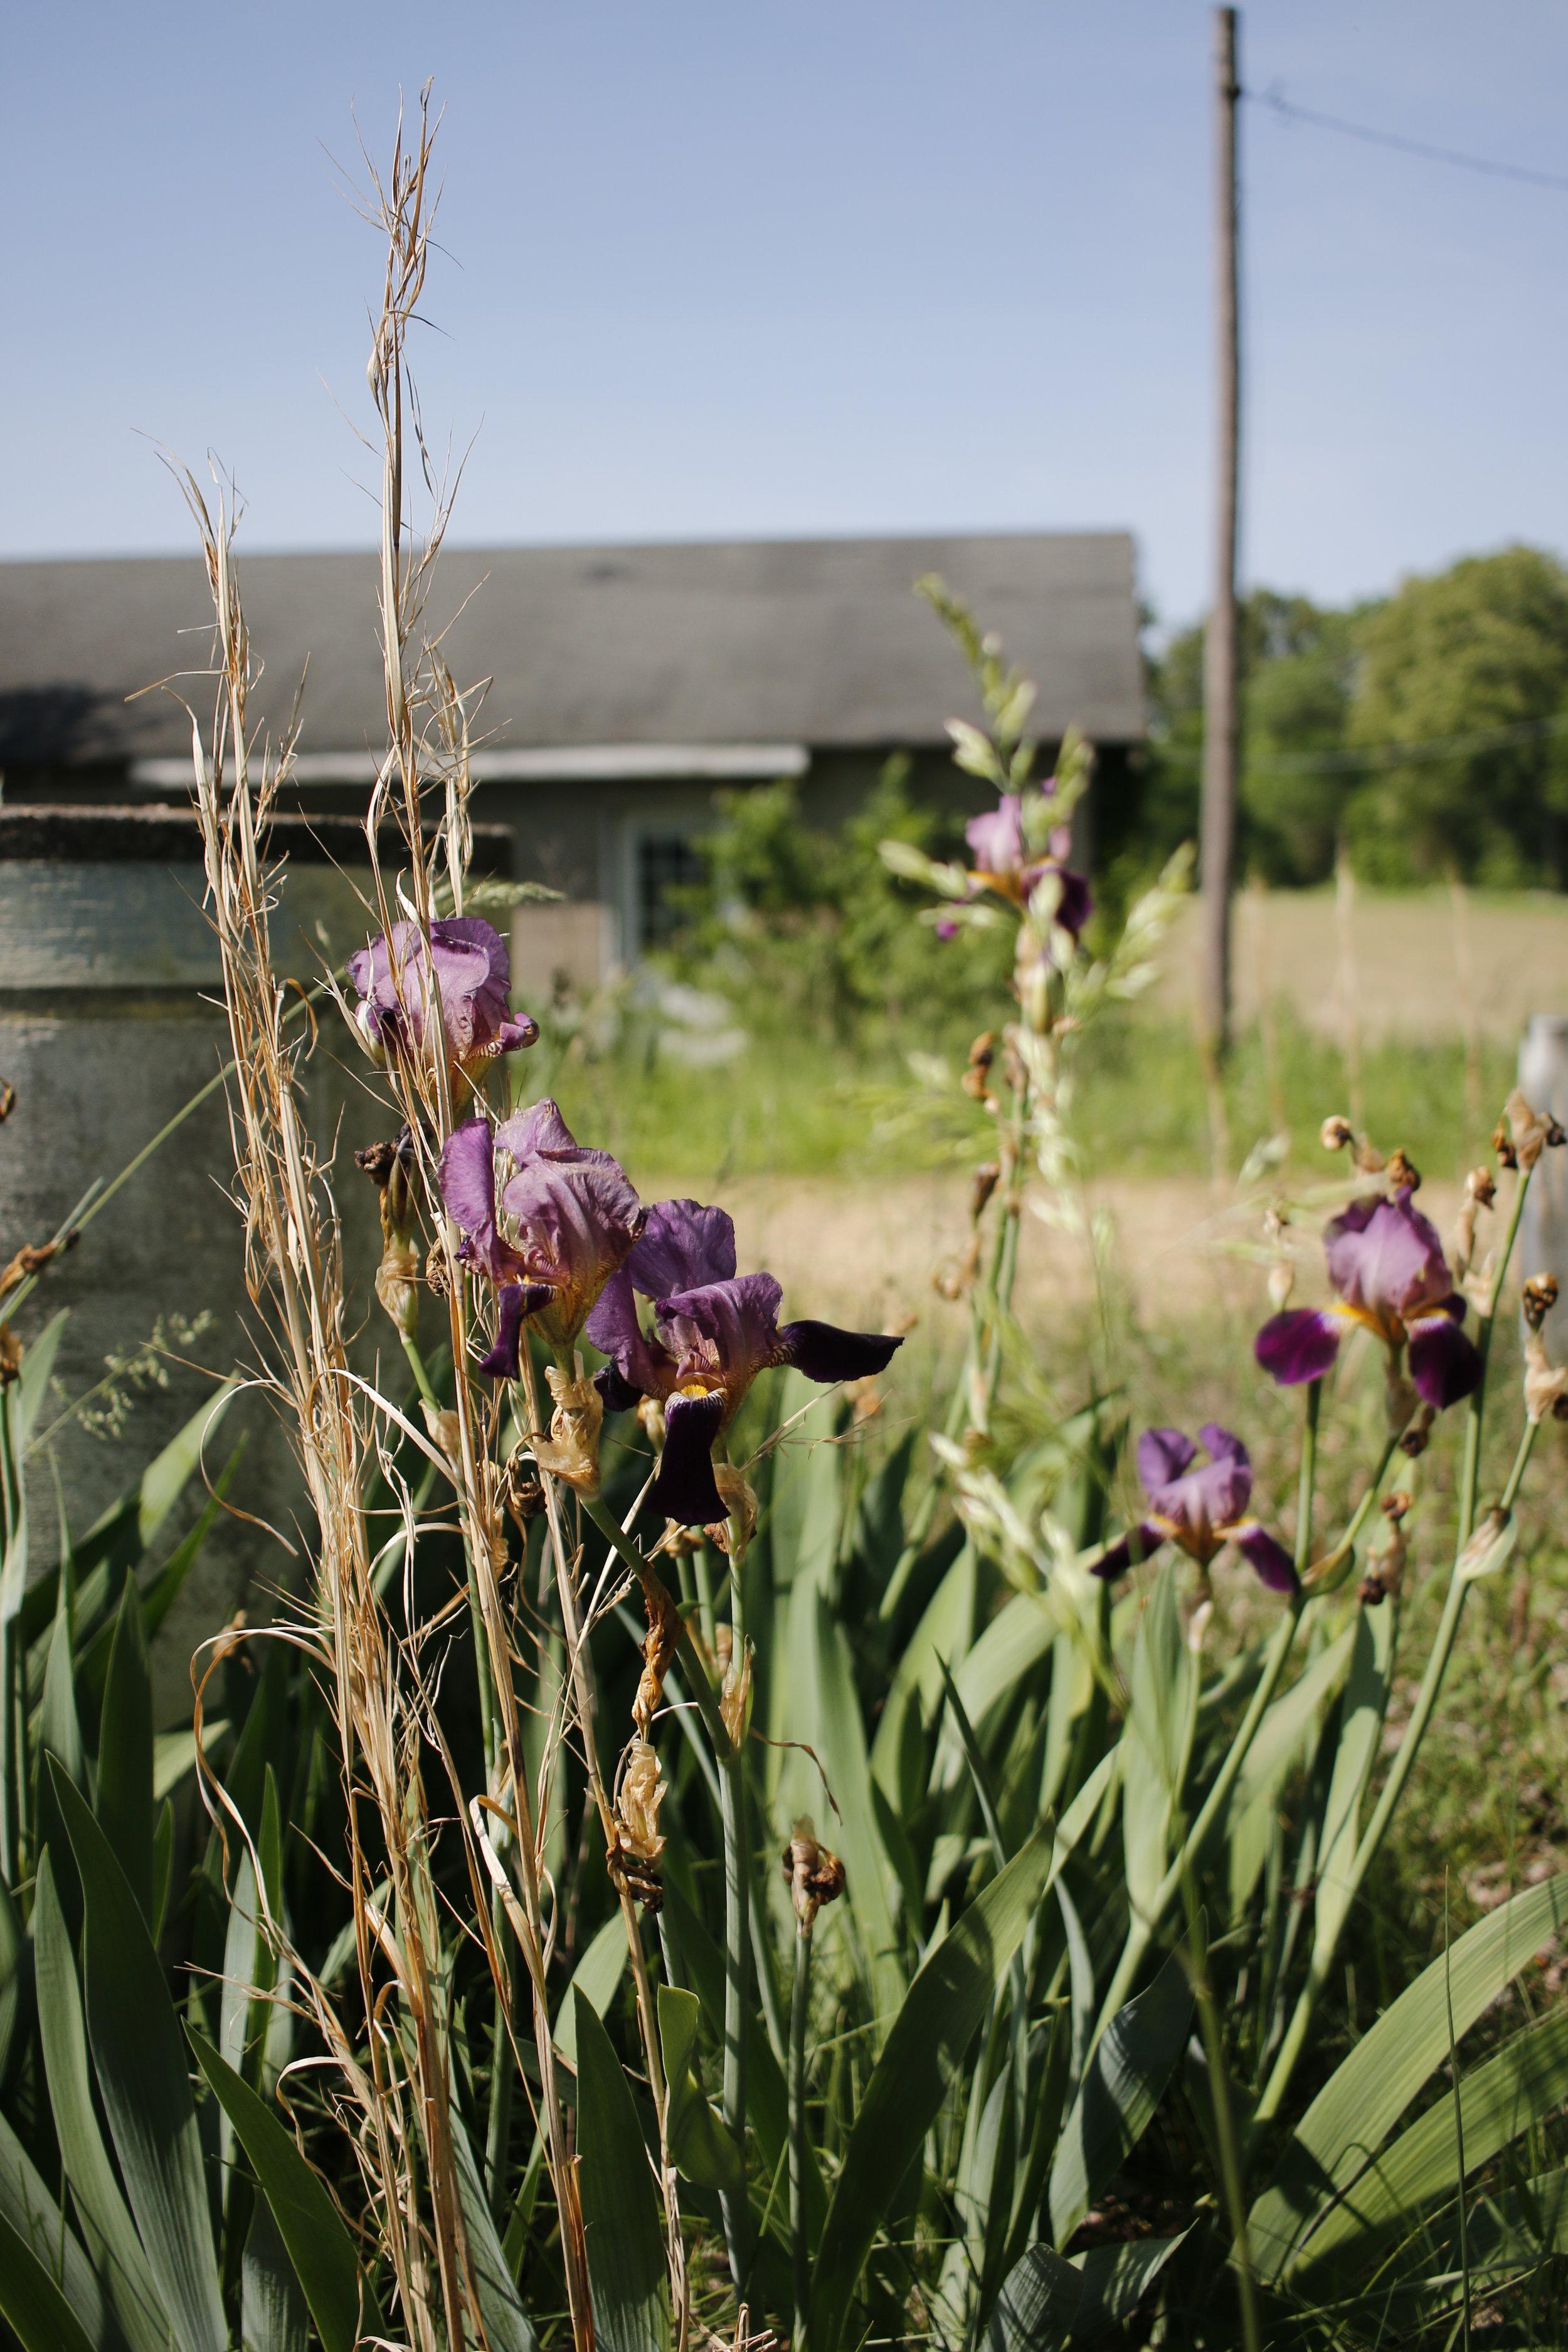 iris & grass.jpg